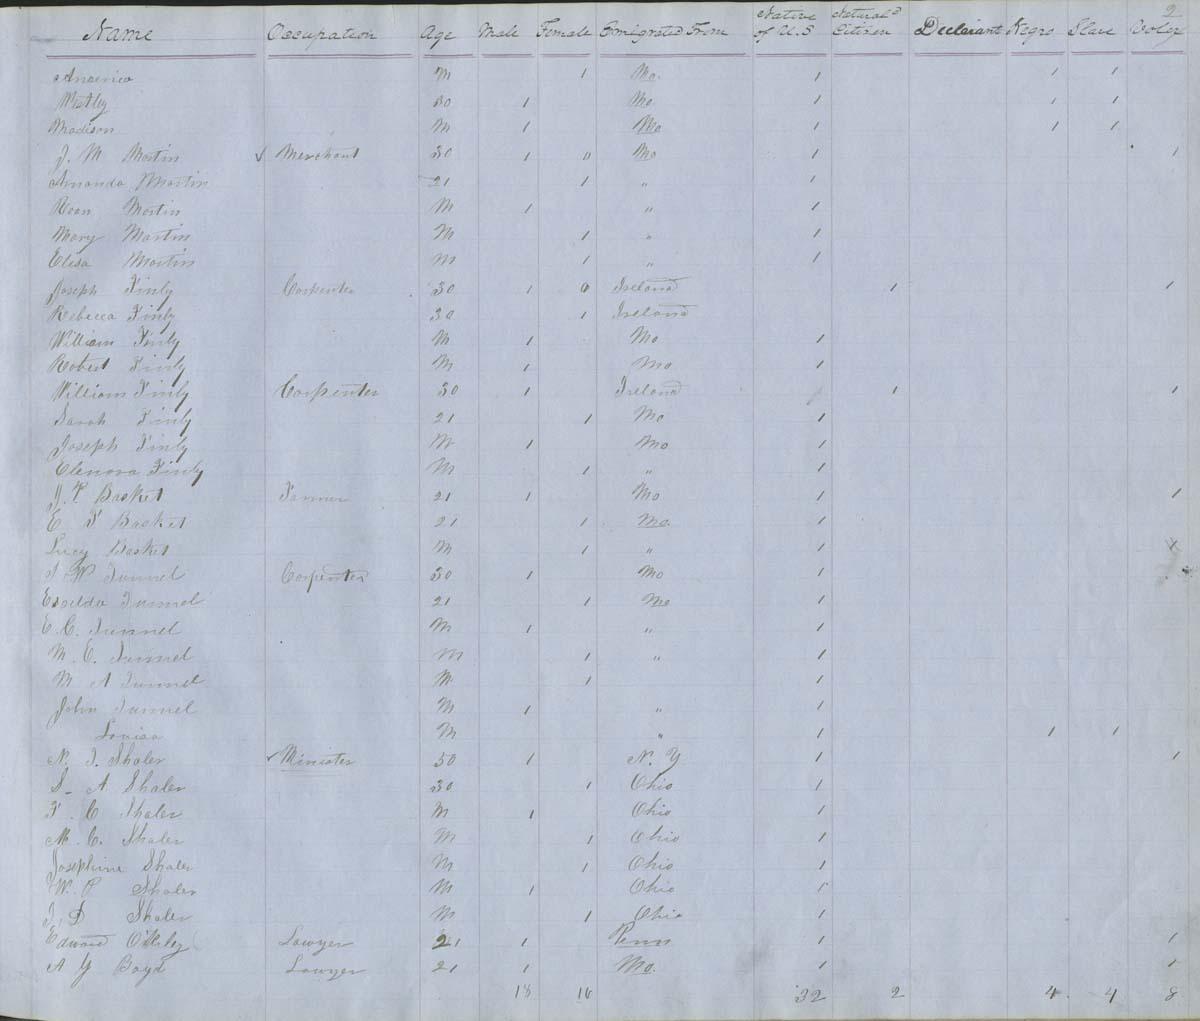 Territorial Census, 1855, District 15 - p. 5